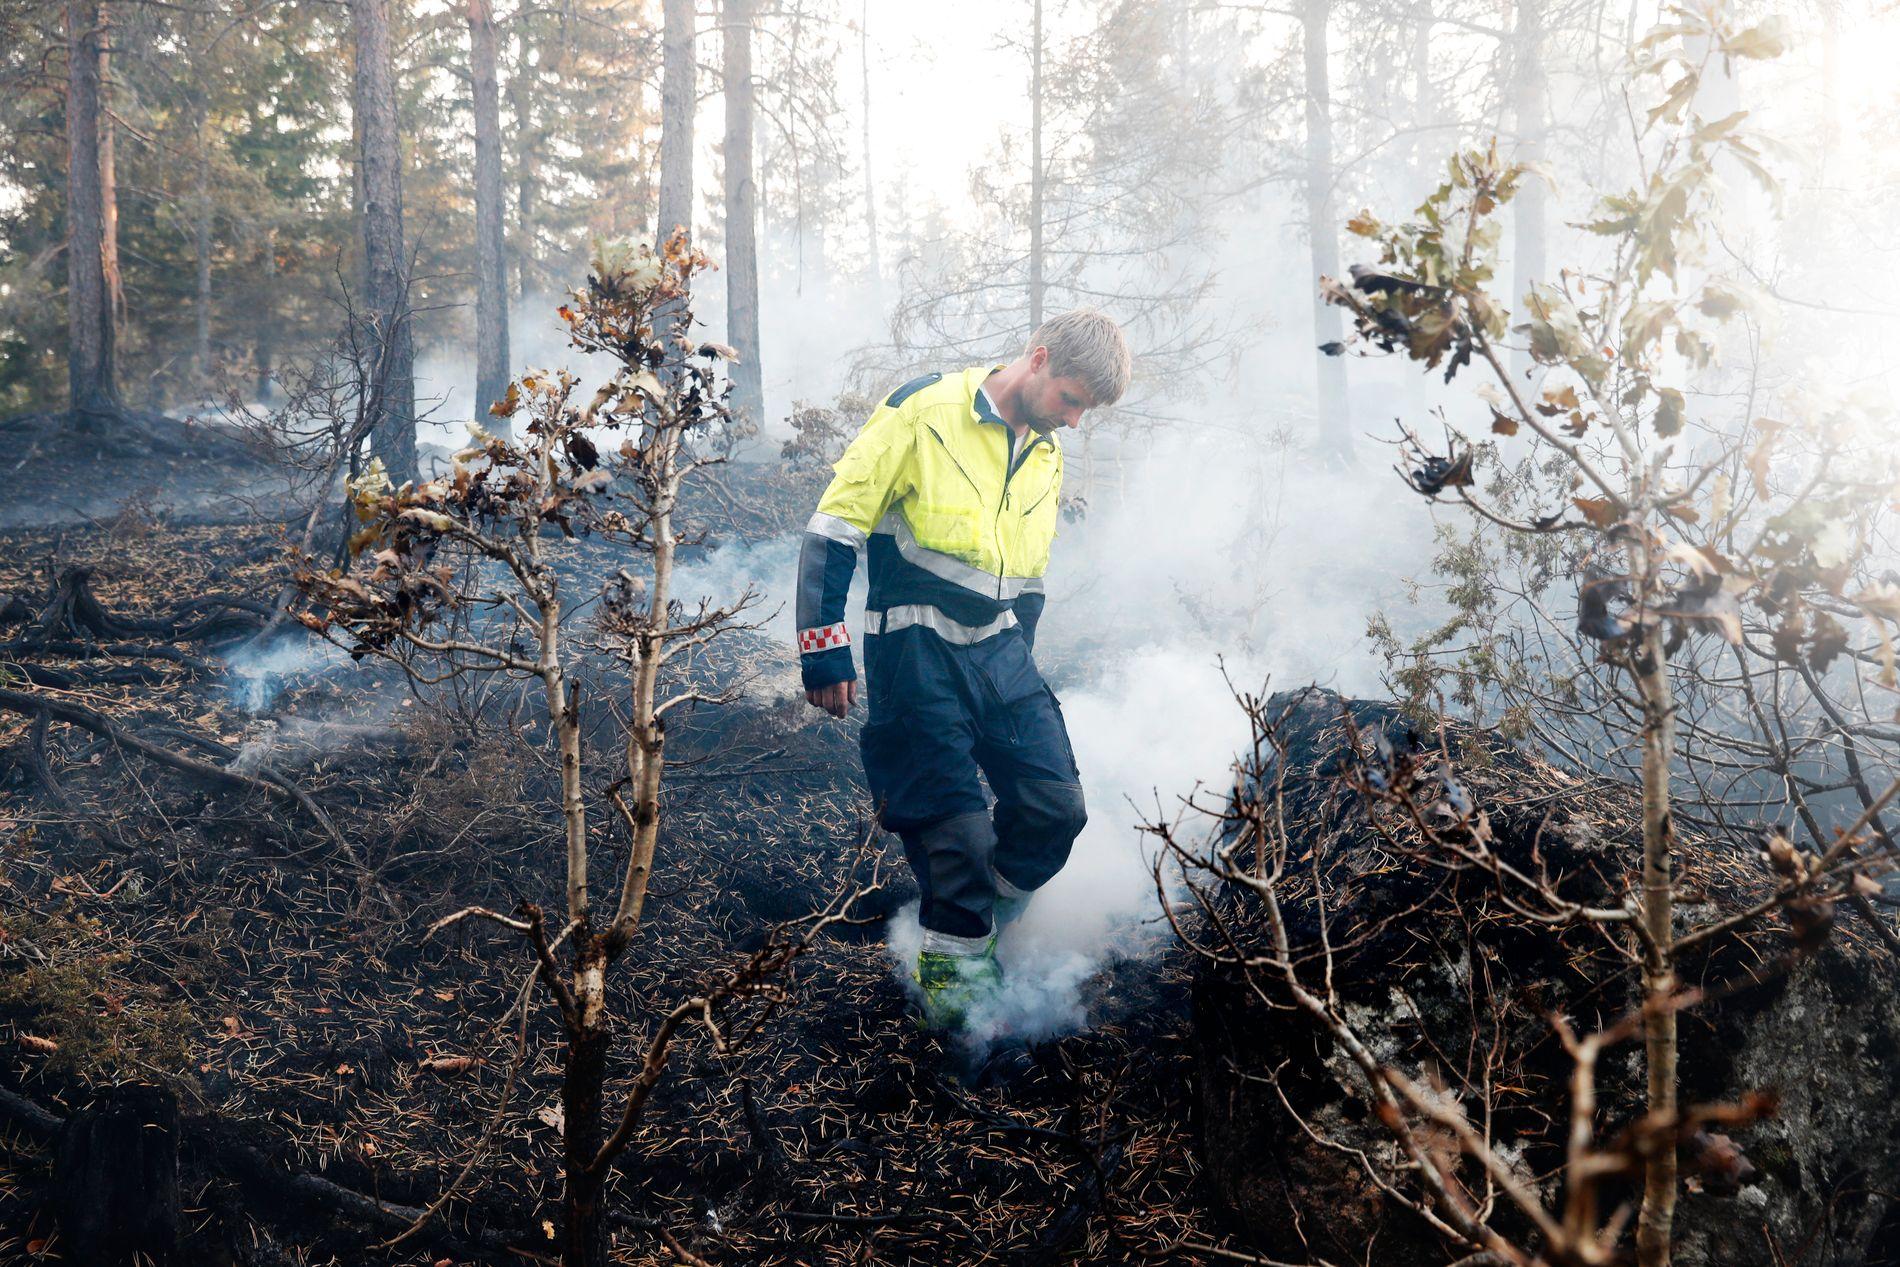 LITT KONTROLL: Lørdag kveld begynte brannvesenet å få kontroll over brannen ved Vegårshei. «Hvis ikke det blir sterkere vind, har vi kontroll på det. Men en kan aldri være helt sikker, før det er ferdig slukket», sier brannmester Knut Erik Ulltveit.